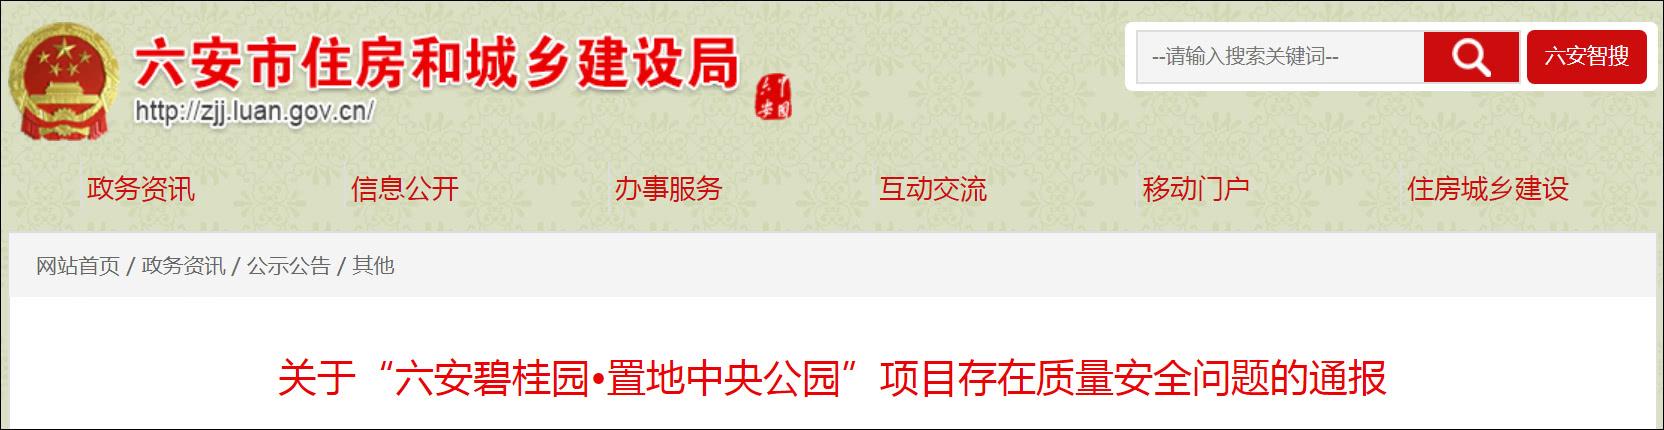 六安住建局网站截图